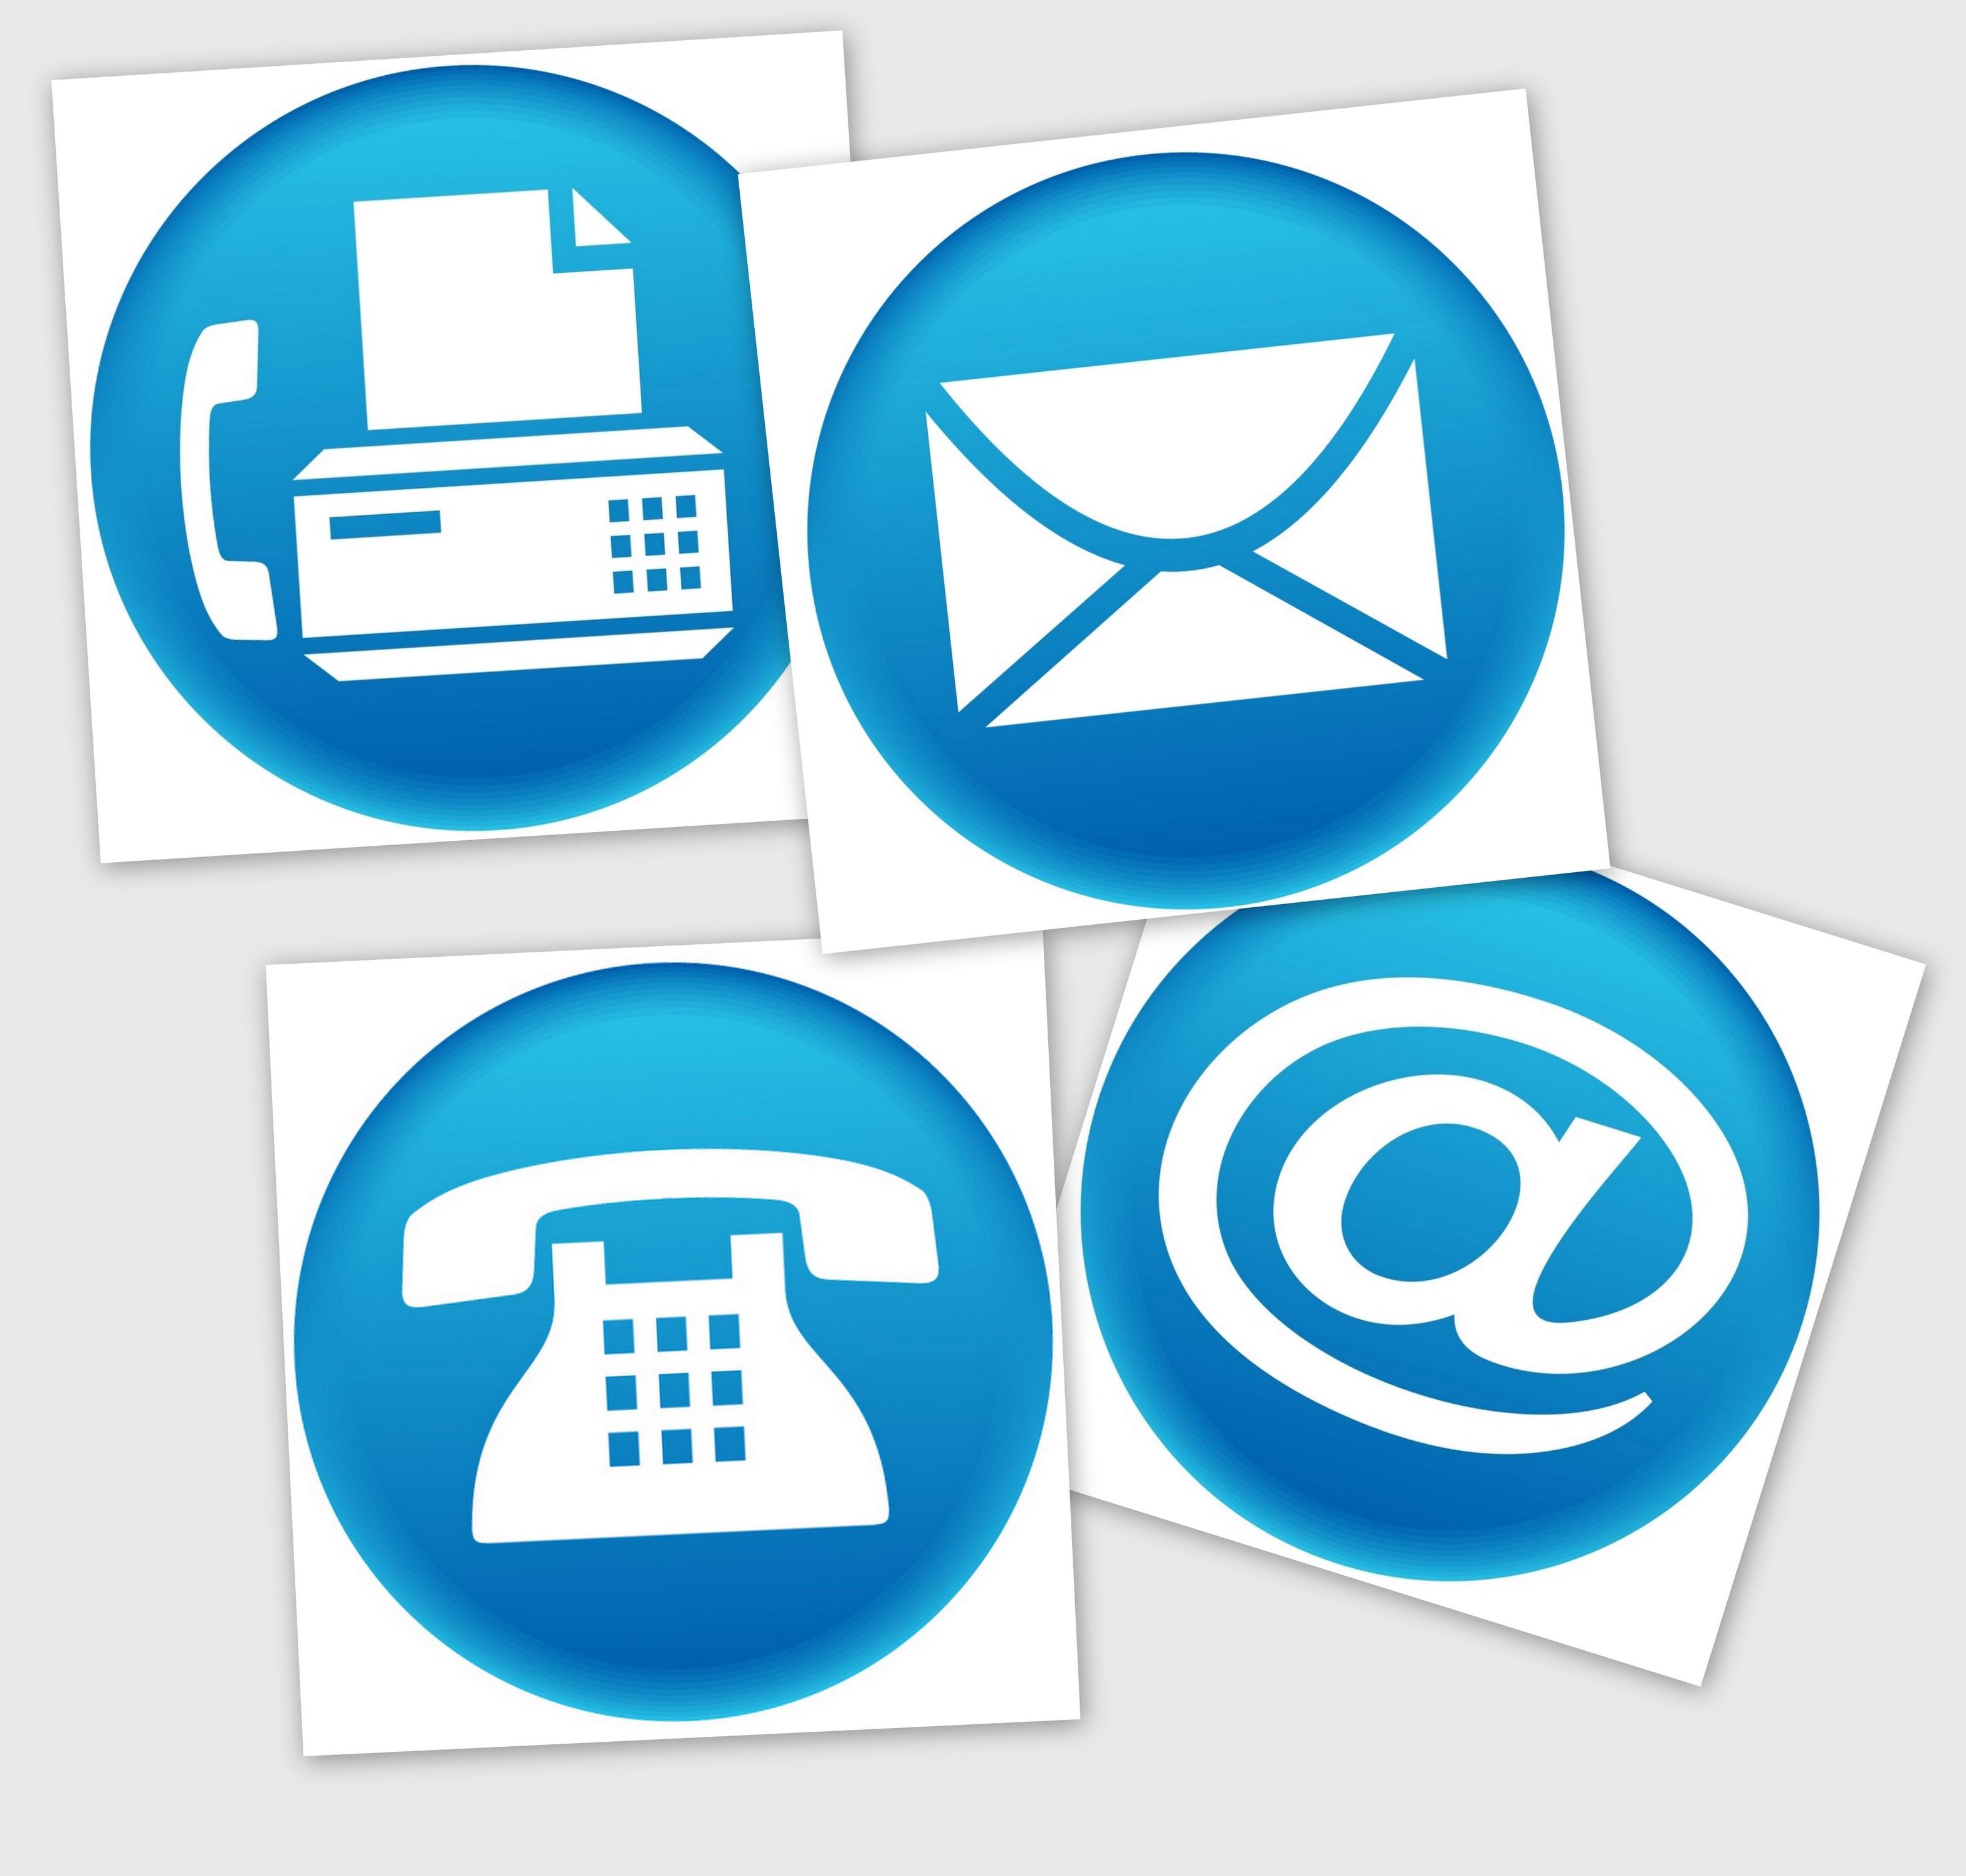 icone rappresentanti chiocciola email, fax, telefono e busta lettera